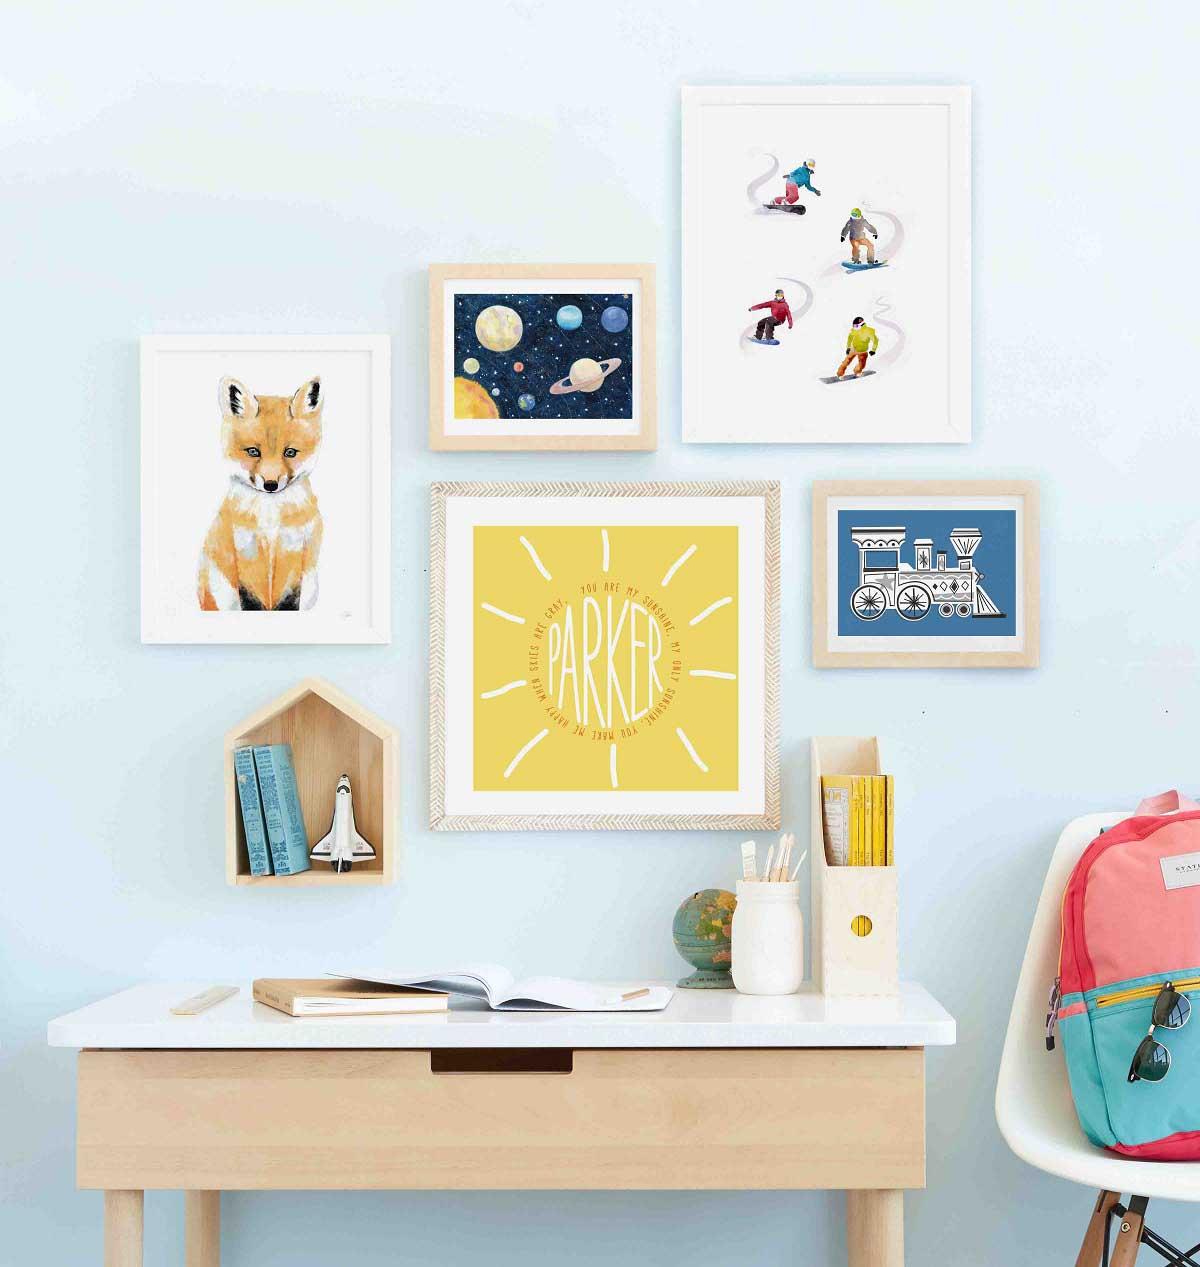 تزیین دیوار اتاق کودک با نصب تابلوهای دیواری روباه و منظومه شمسی